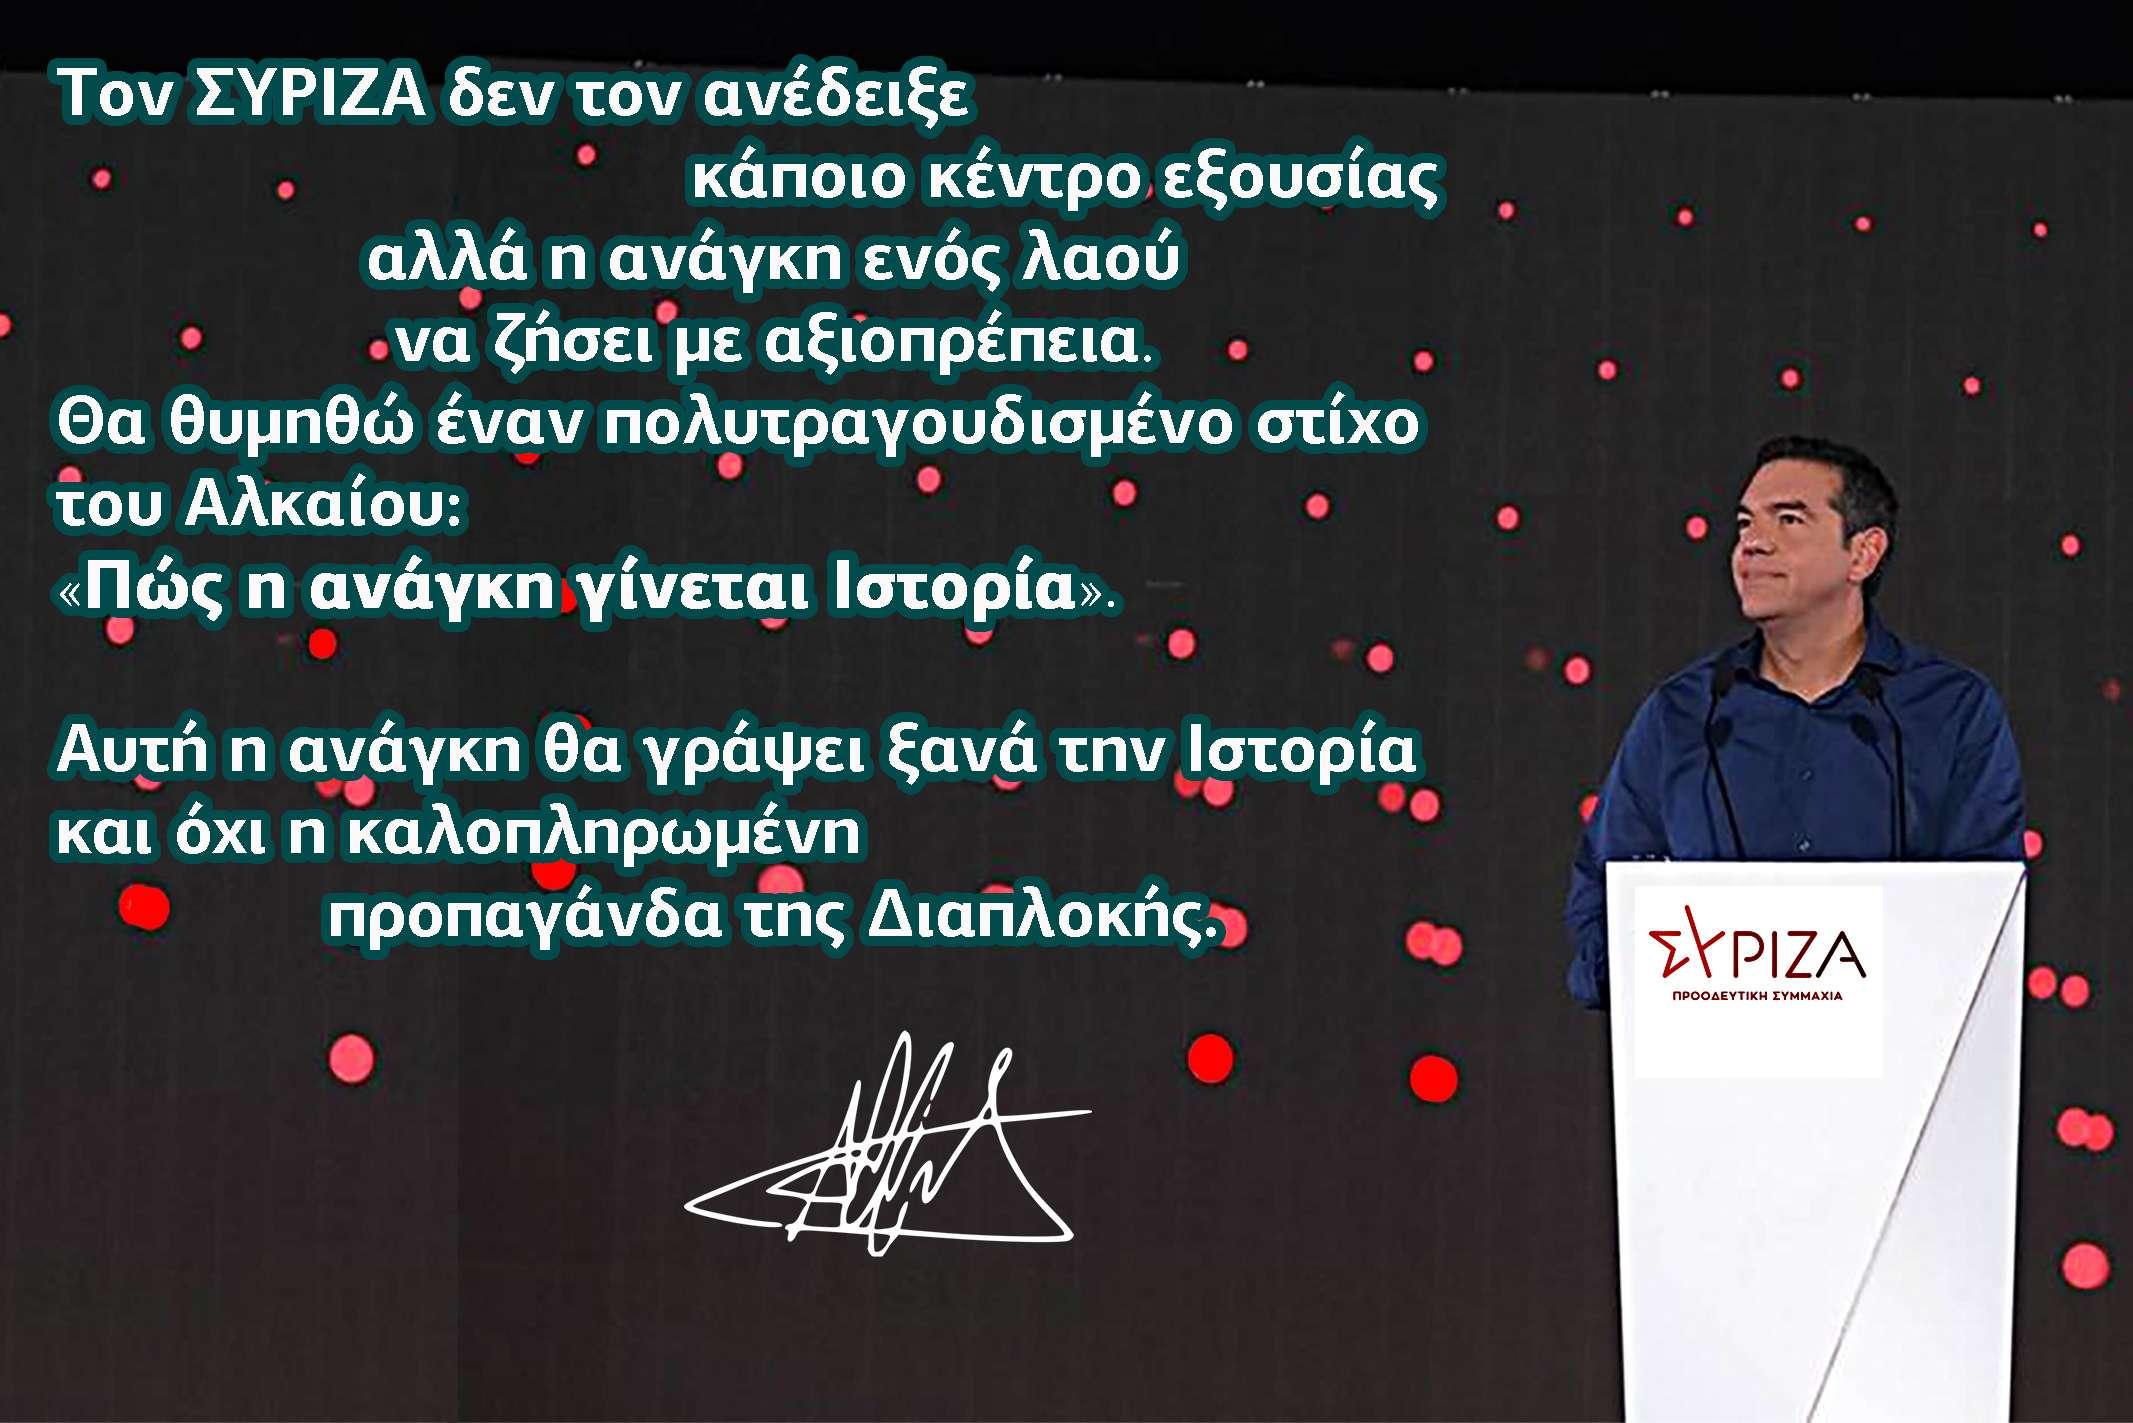 Τον ΣΥΡΙΖΑ δεν τον ανέδειξε κάποιο κέντρο εξουσίας αλλά η ανάγκη ενός λαού να ζήσει με αξιοπρέπεια